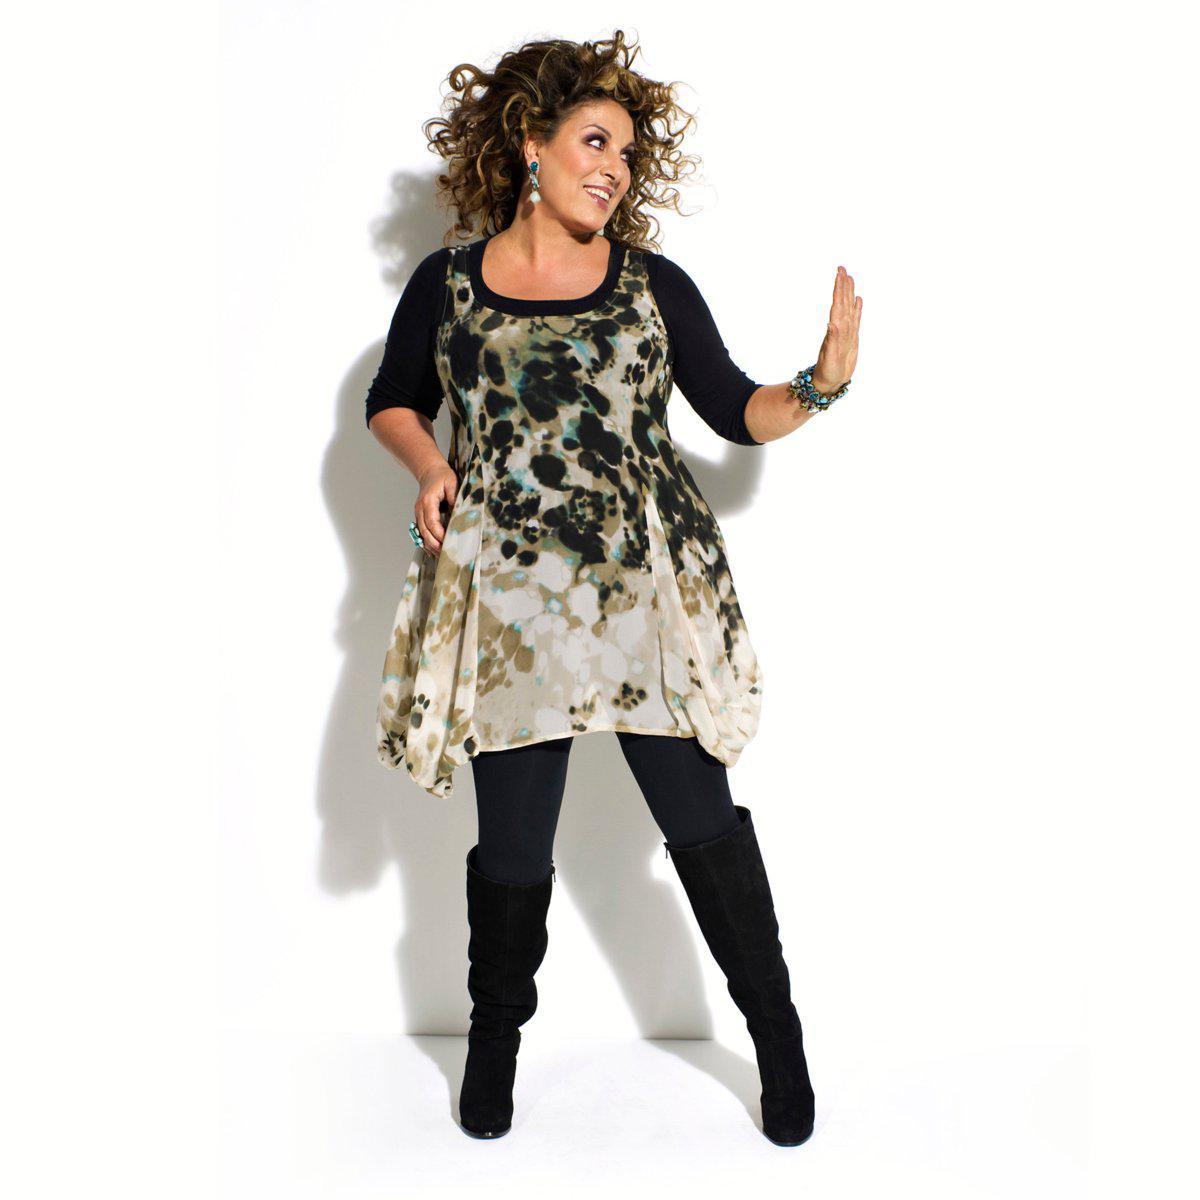 bradyna foremata 189 - Φορεματα Μεγαλα Μεγεθη Φθινόπωρο Χειμώνας 2011 κωδ. 324228094